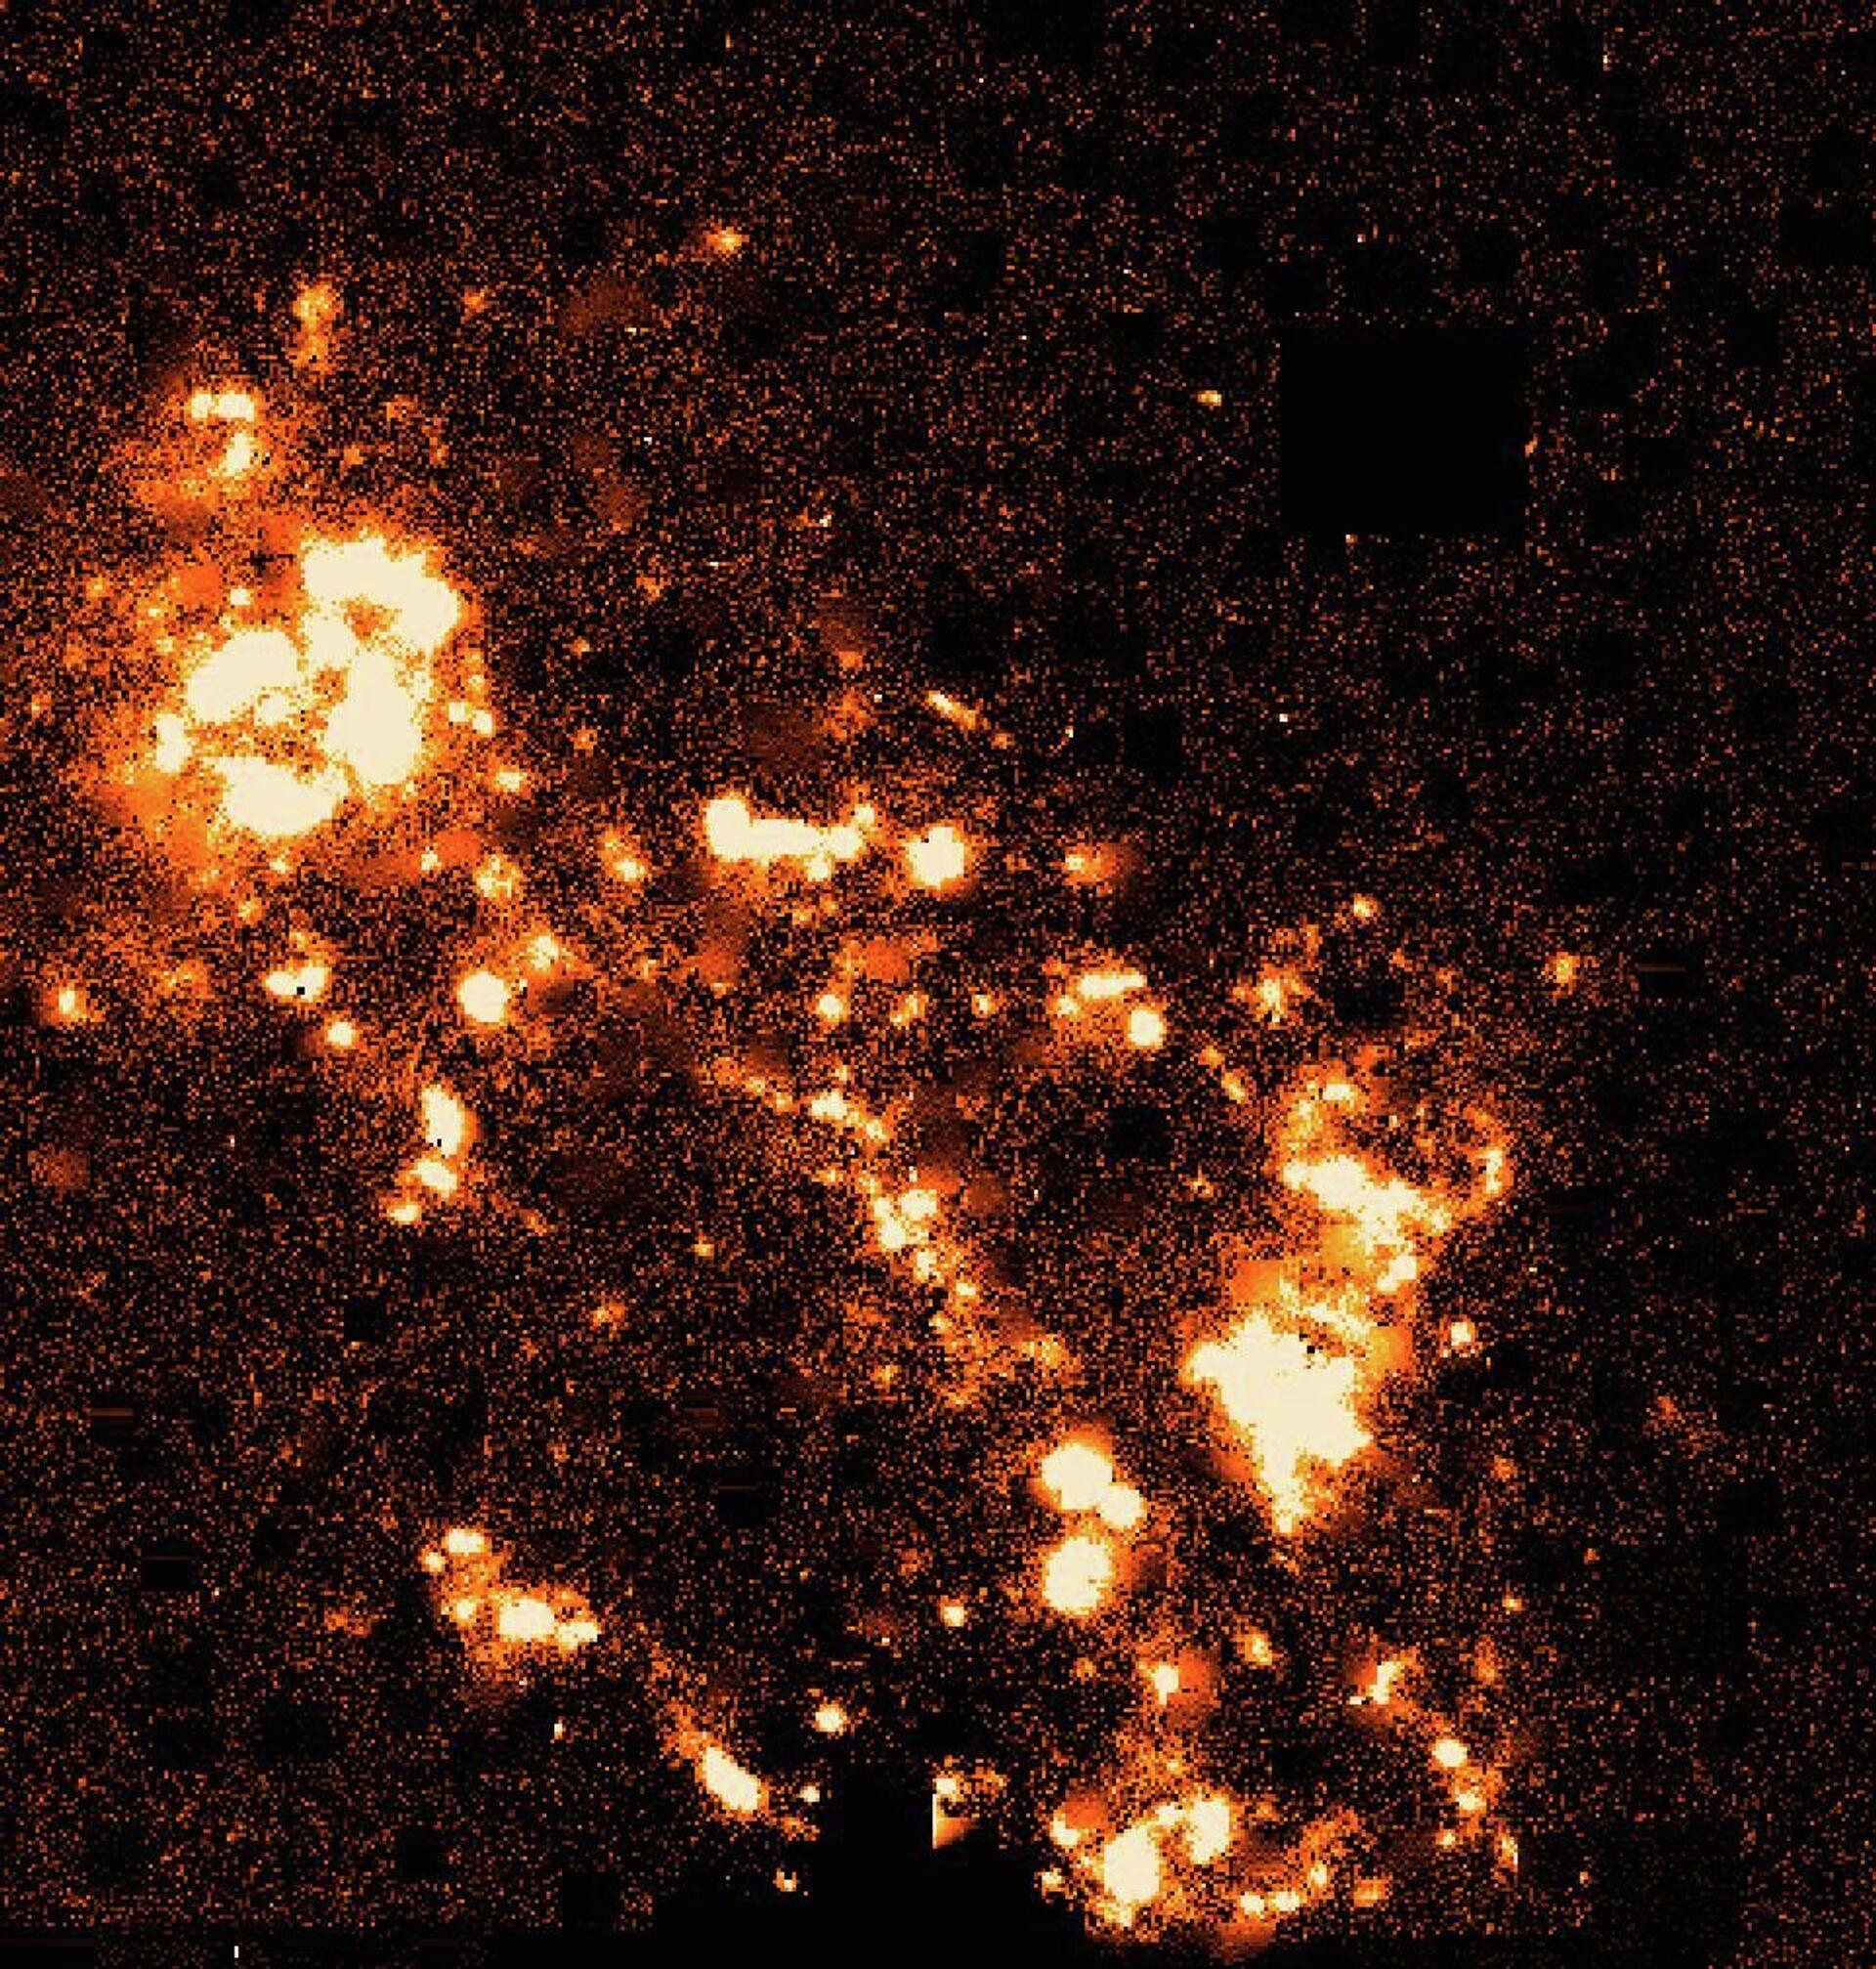 Астрофизики обнаружили самую близкую к нам кольцевую галактику Колесо Кэтрин - РИА Новости, 1920, 06.10.2020